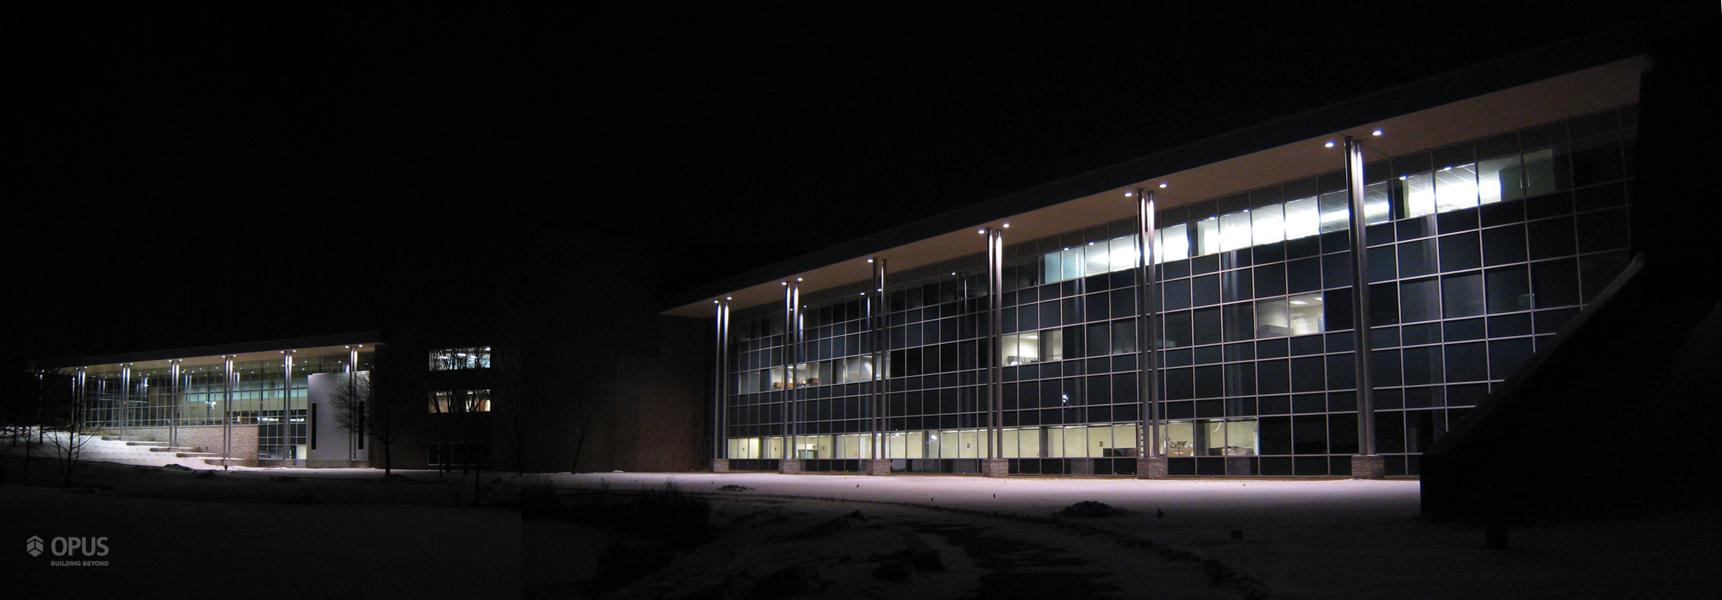 South Exterior at Night (full)